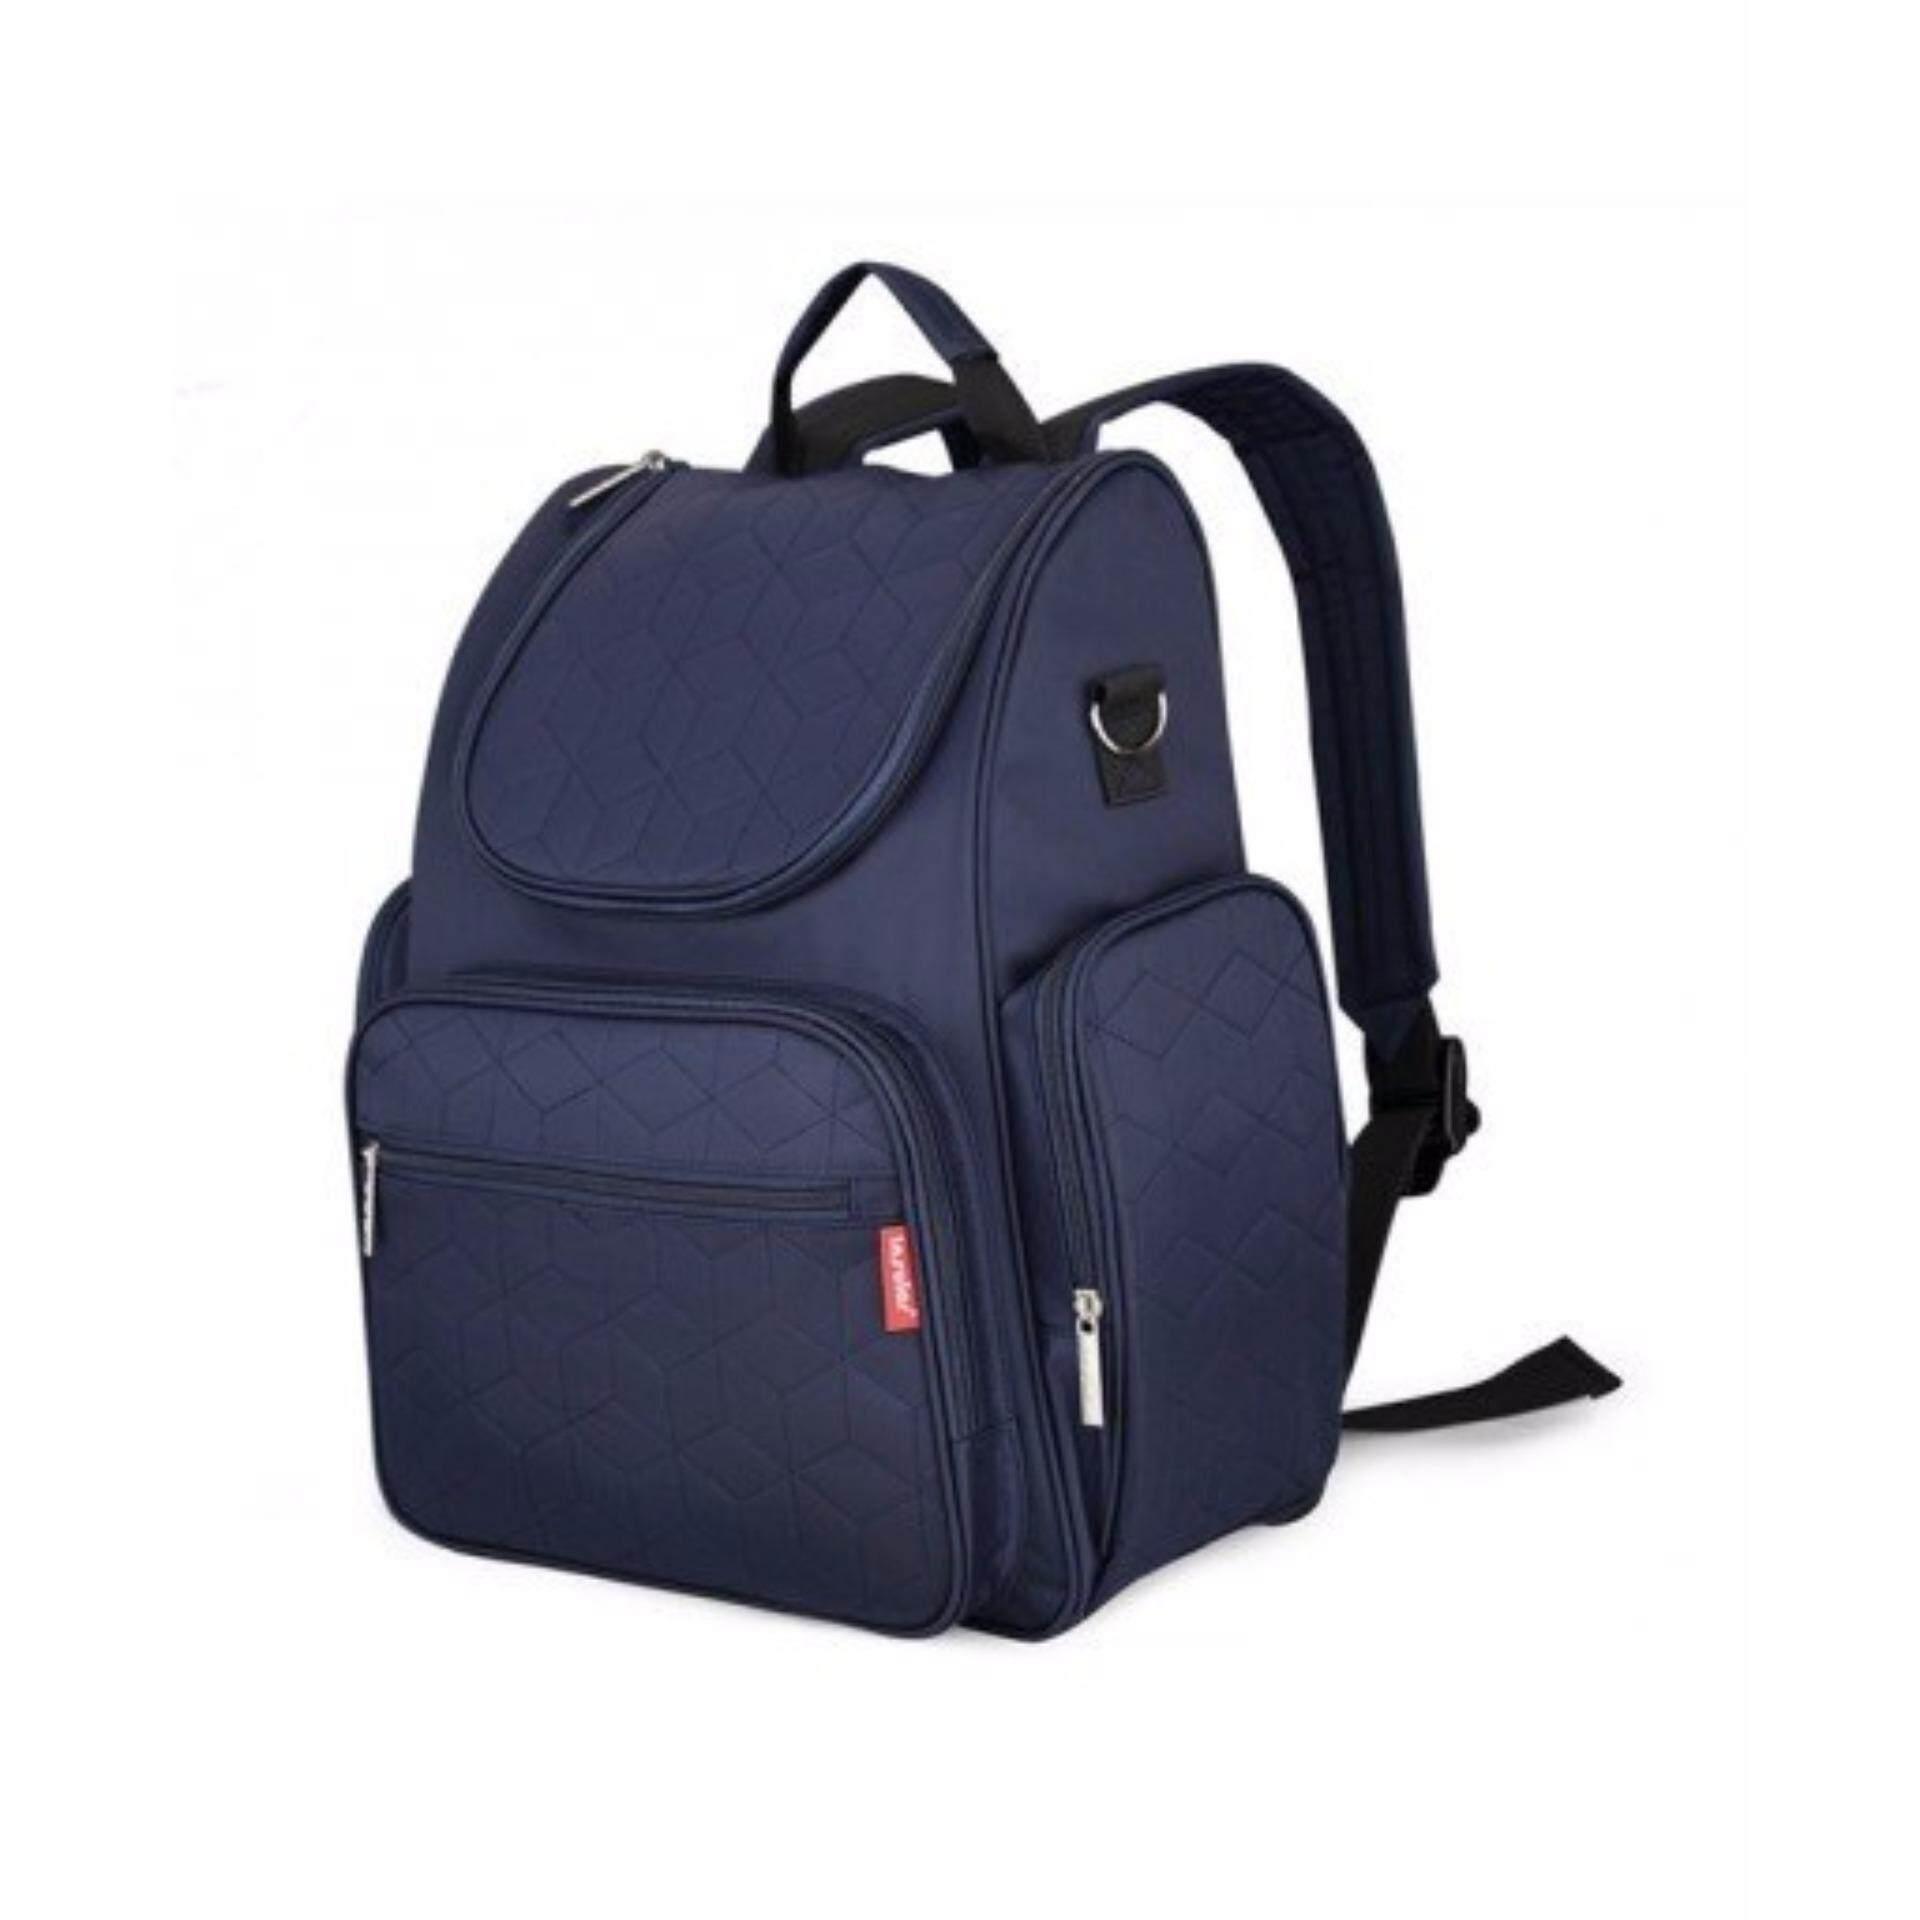 Large baby diaper bag Backpack infant nappy changing stroller bag